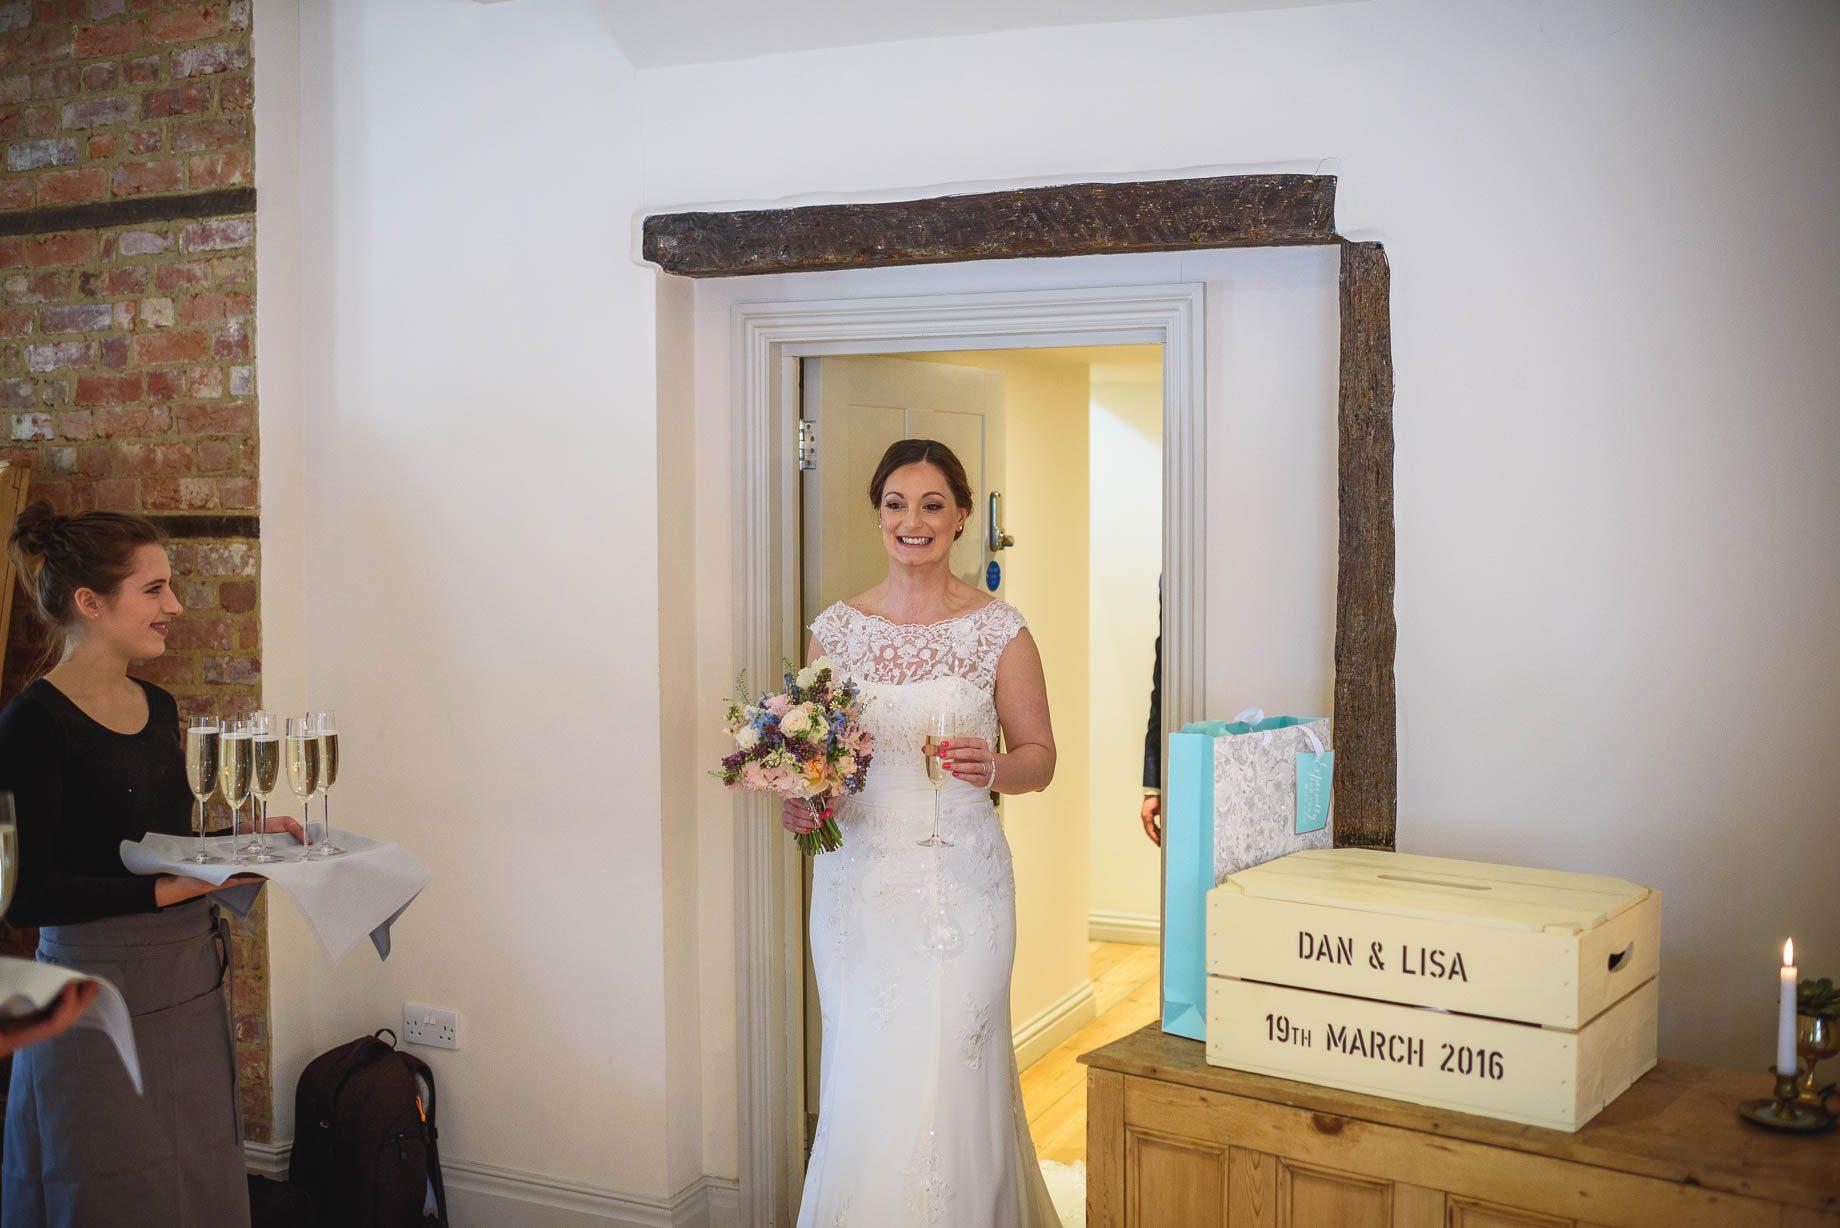 Millbridge Court Wedding Photography - Lisa and Daniel (67 of 173)